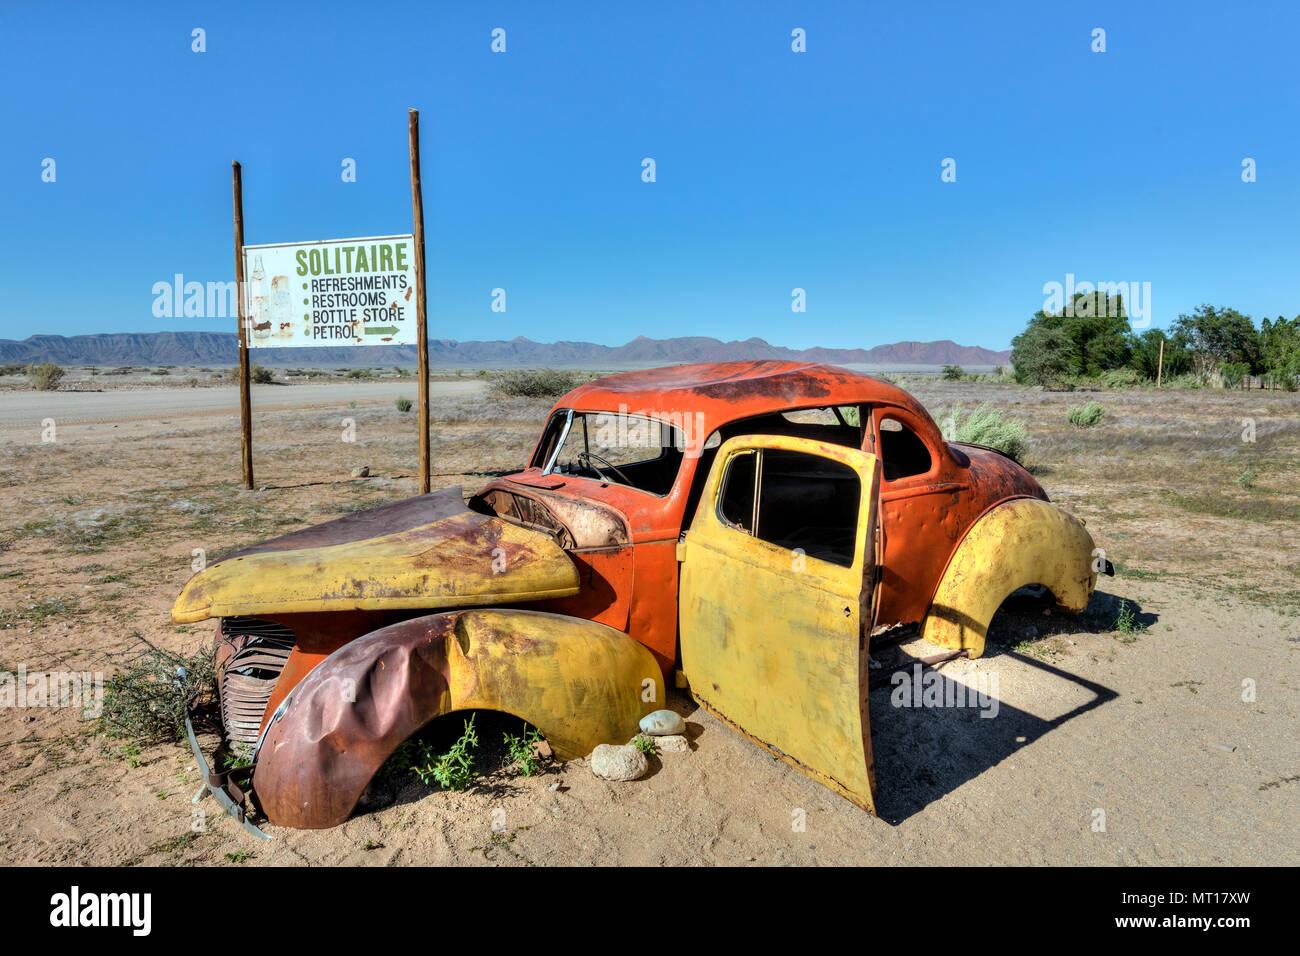 Solitaire, Khomas Region, désert du Namib, Namibie, Afrique Photo Stock